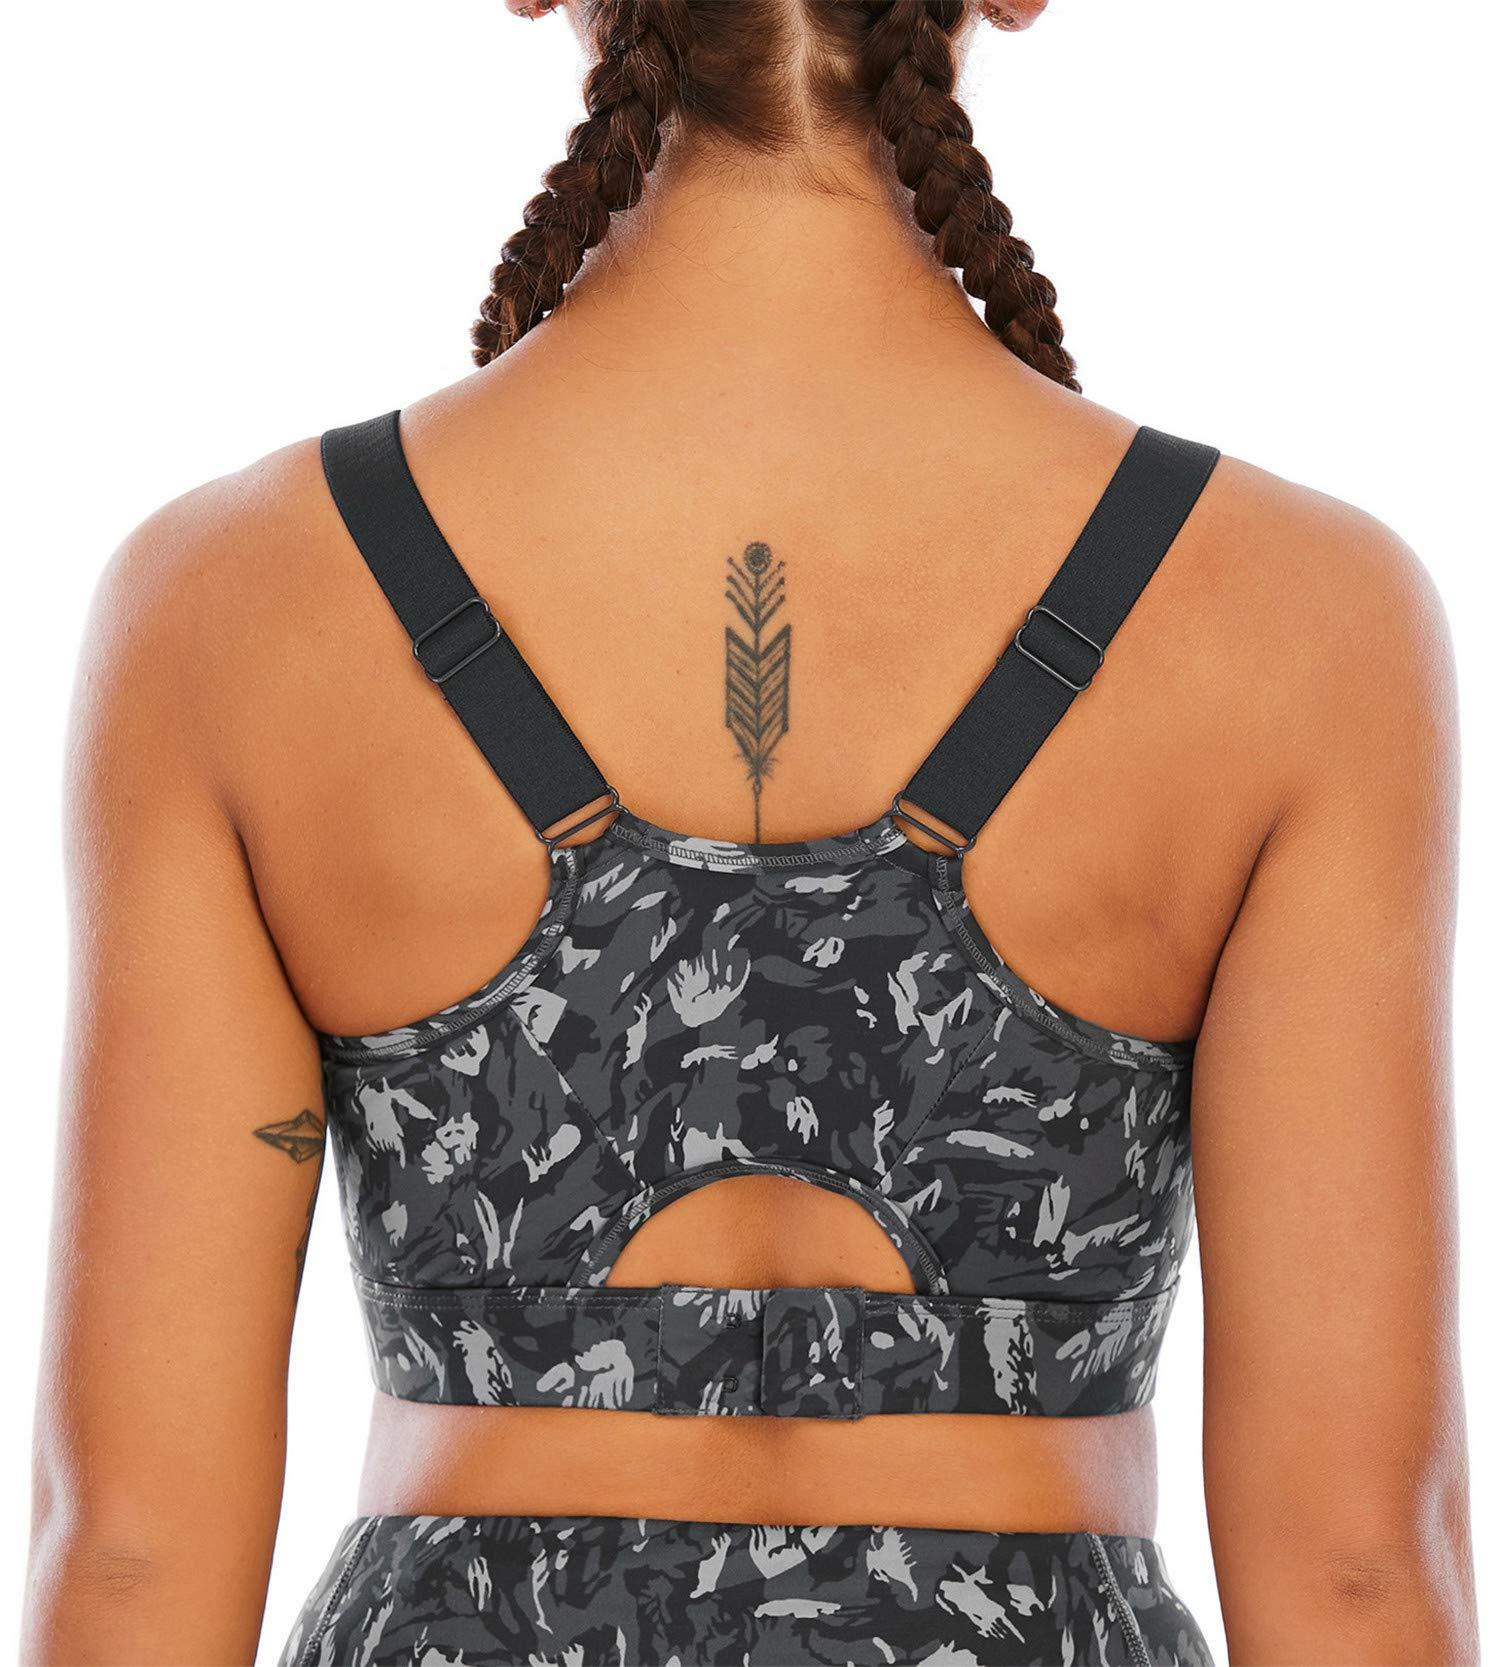 Fancyskin Sports Bras for Women Padded Back Strappy Yoga Bra Stretchy Cozy Crop Top